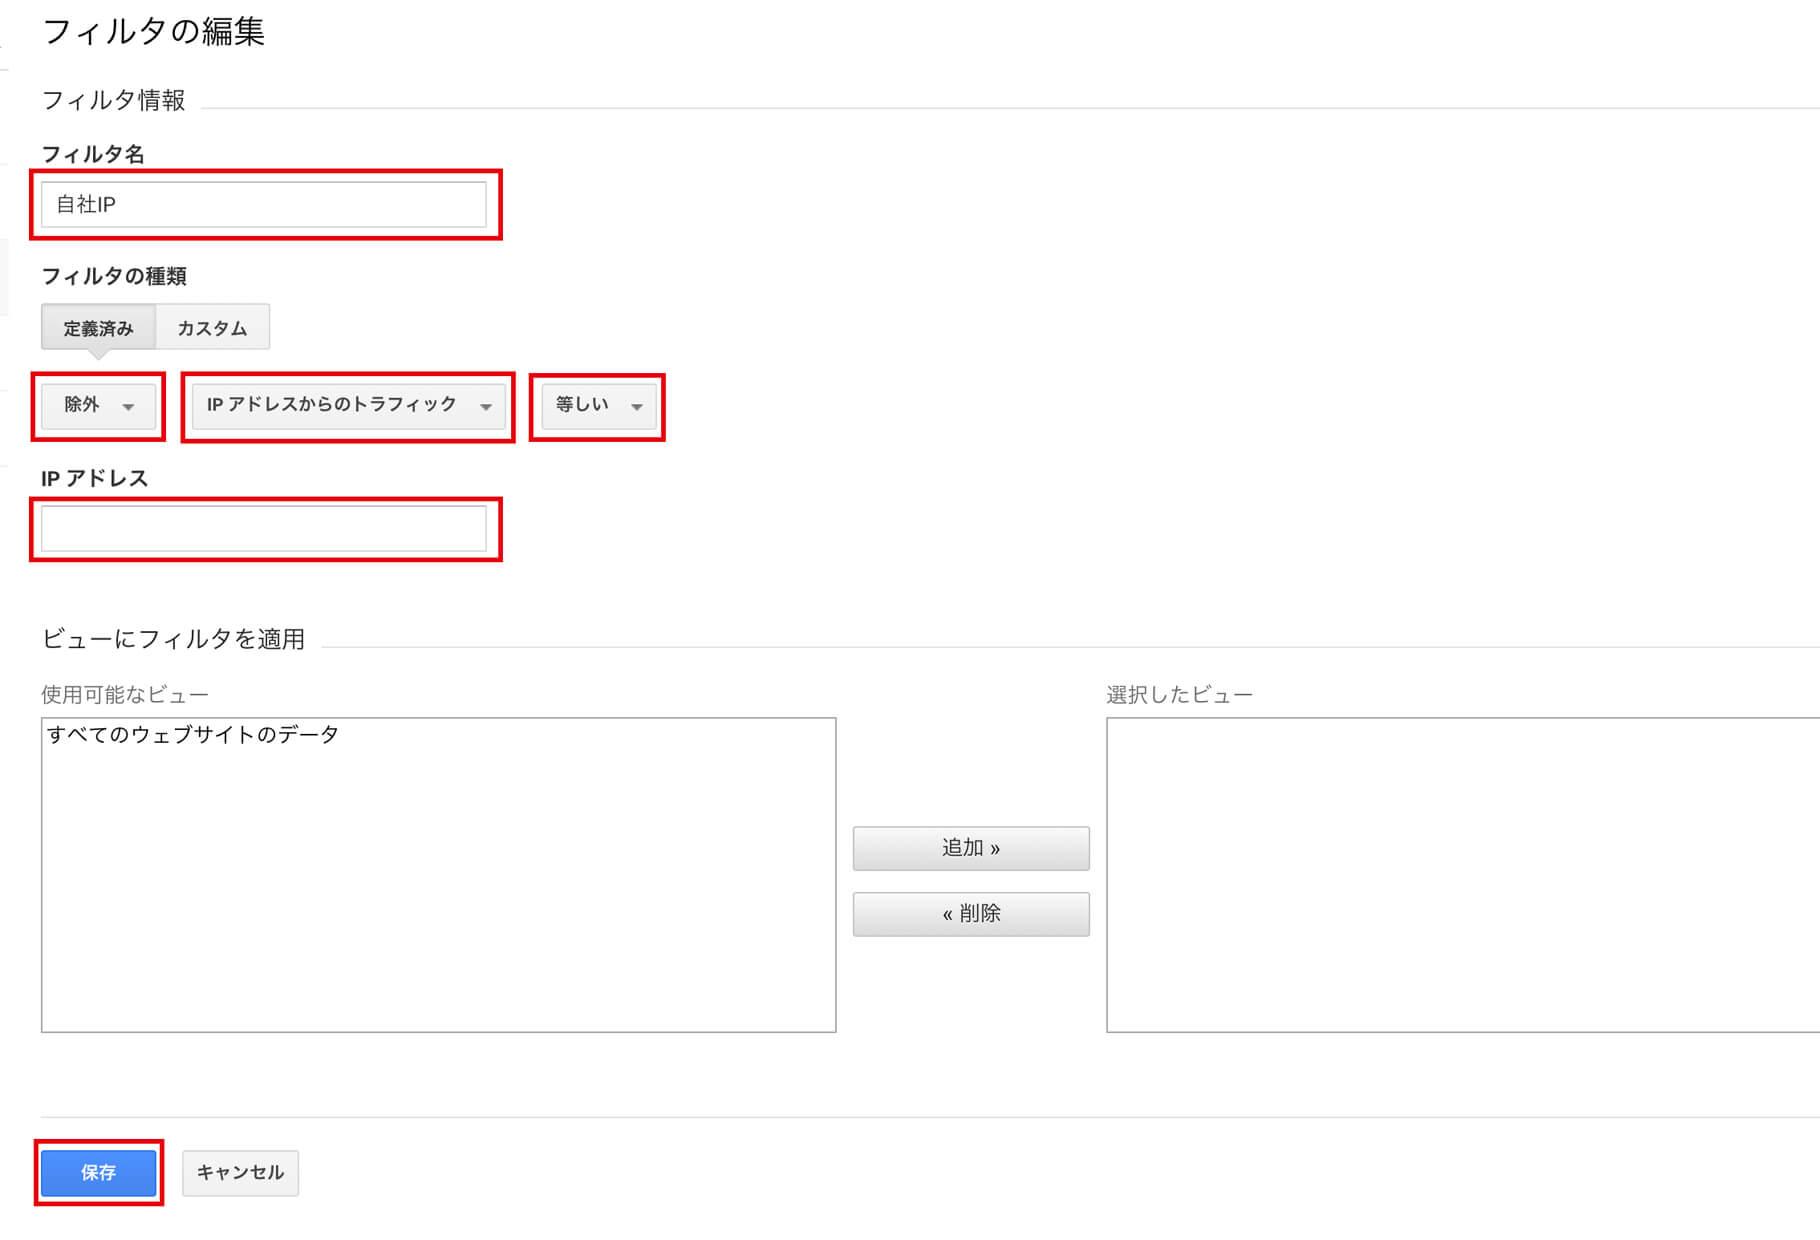 IPアドレスを指定して自社アクセスを除外する